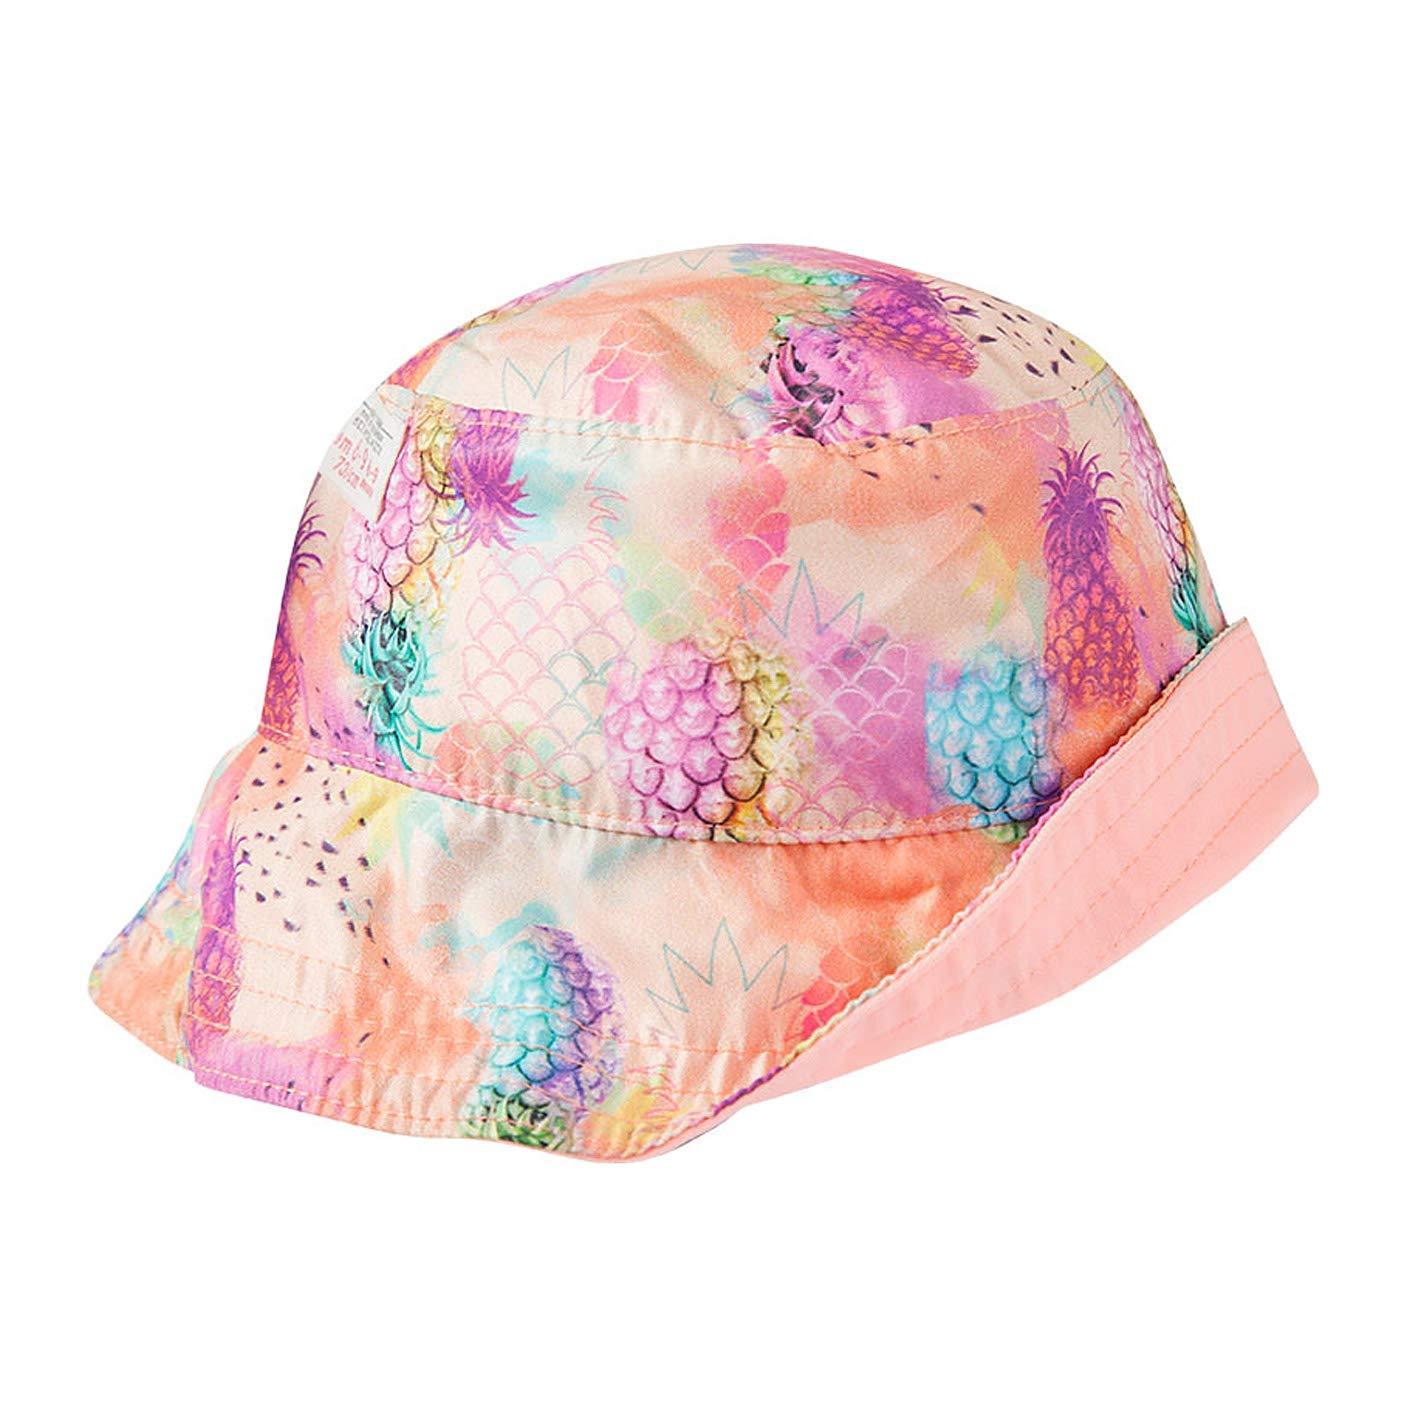 5ddd85d2cfcdc Get Quotations · OFFCORSS Baby Girls Cute Summer Beach Bucket Hats